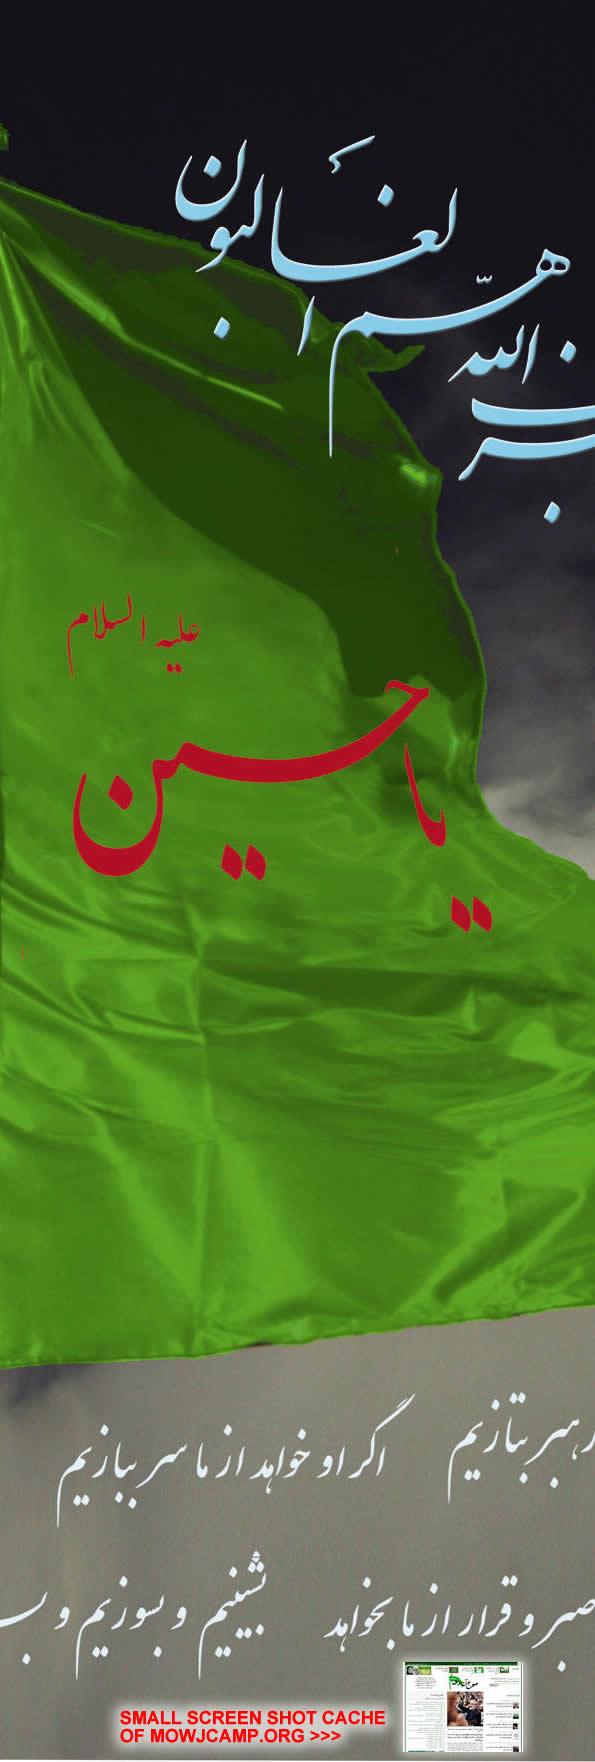 Iranian-Cyber-Army-595-IMG-B